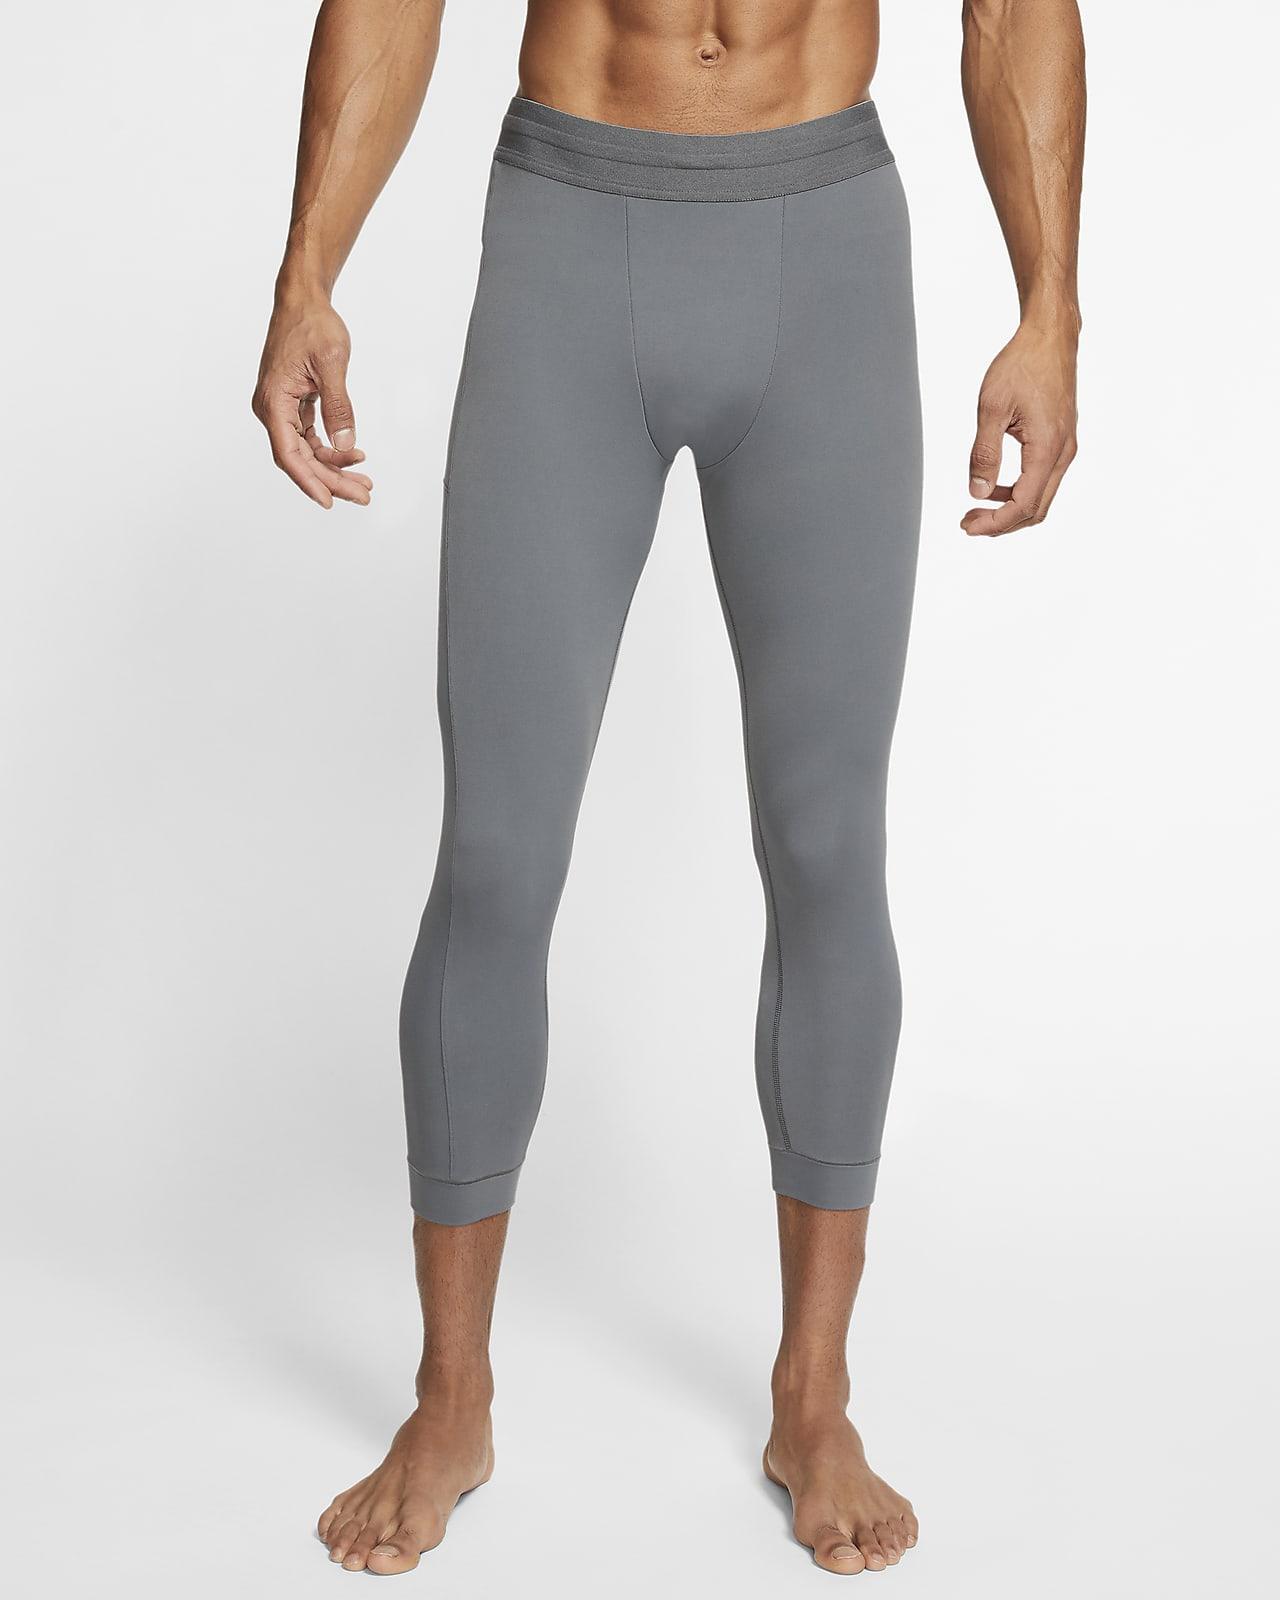 Nike Yoga Dri-FIT-Infinalon-tights i 3/4-længde til mænd